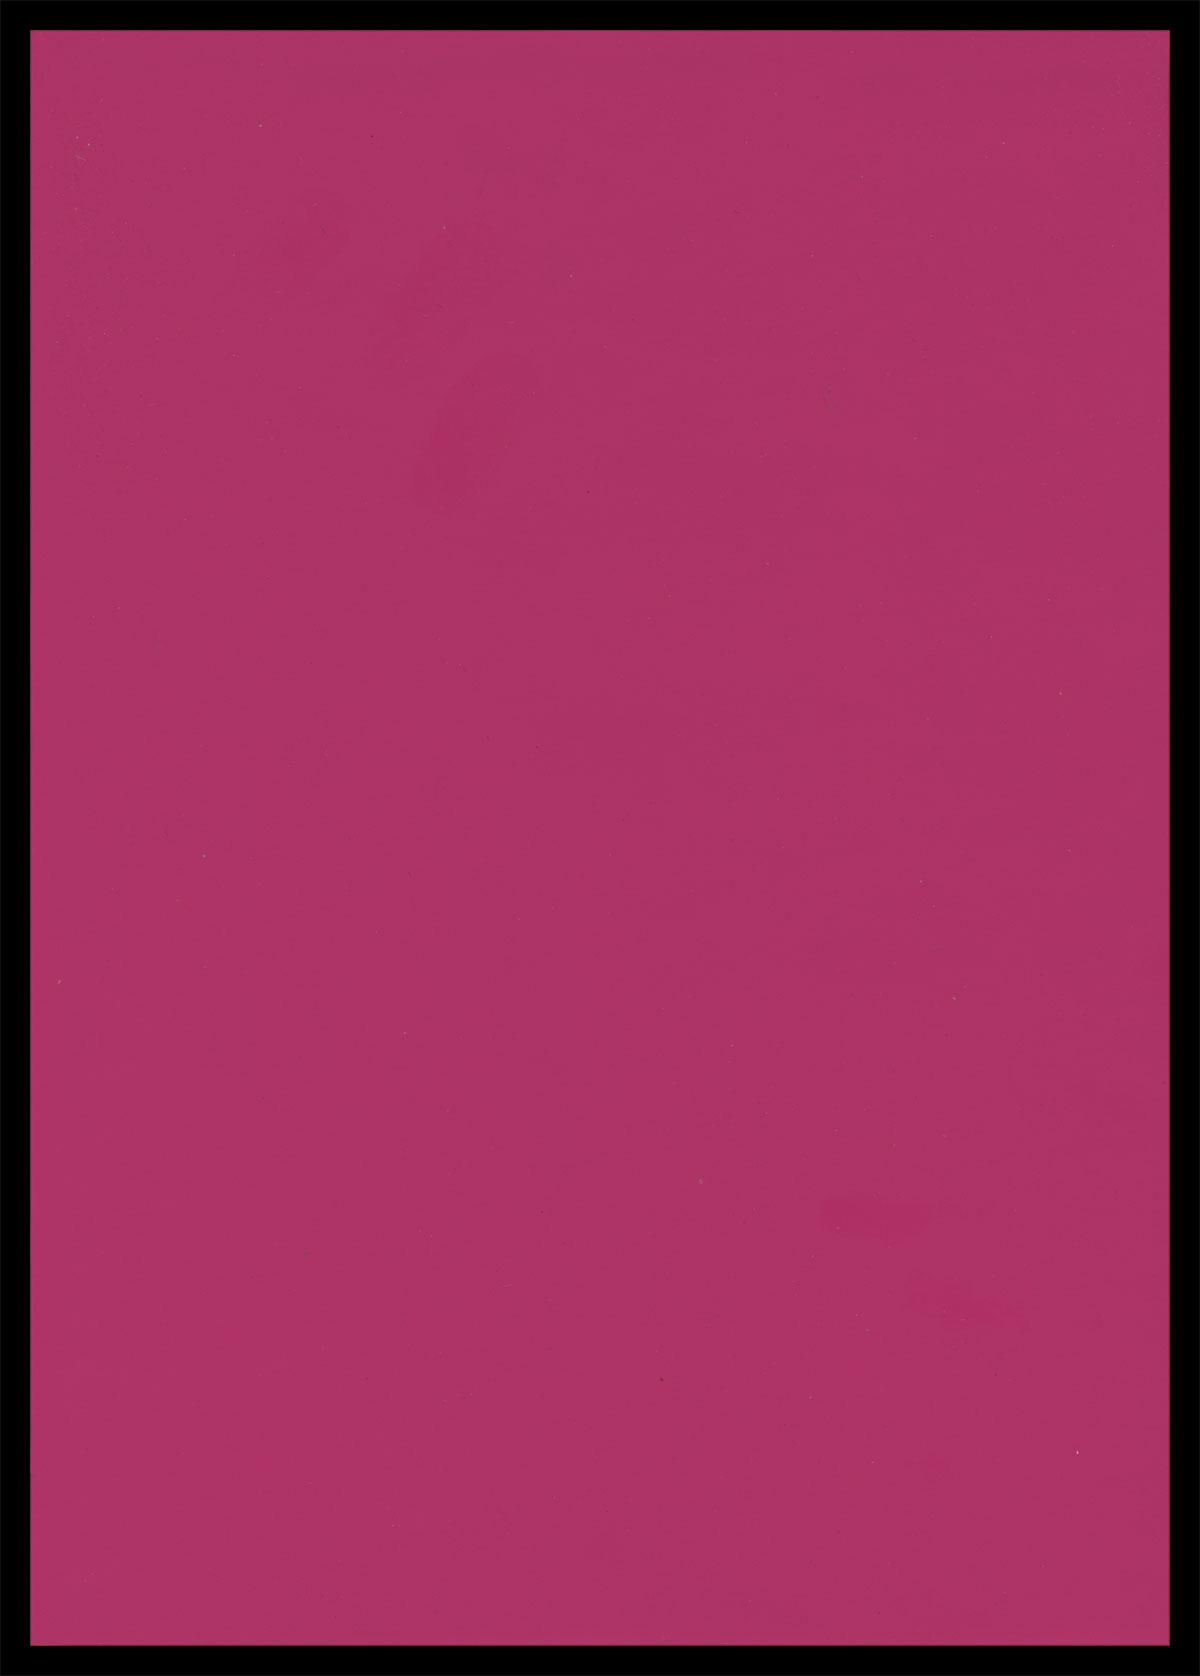 Grafik Ein magentafarbenes Rechteck umgeben von einem schwarzen Rand